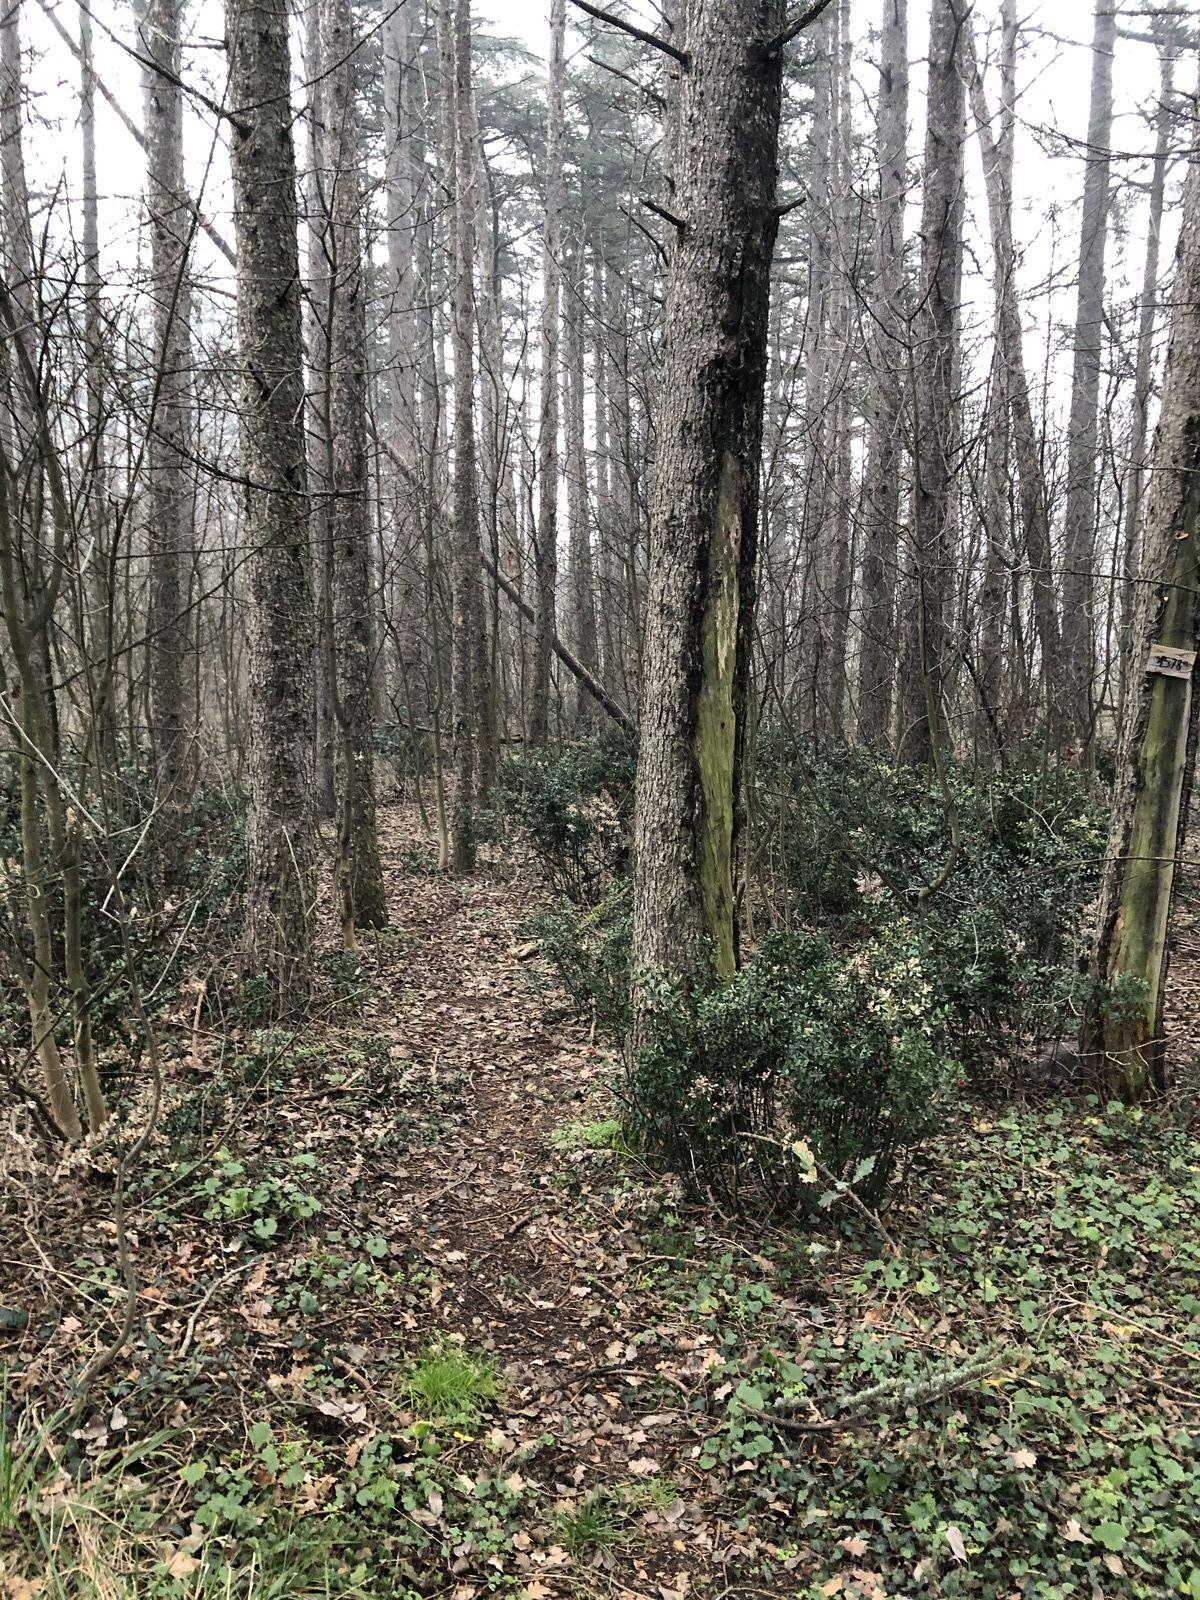 Un beau sentier parmi les feuillus où l'on trouve de nombreux plants de fragon petit houx (Ruscus aculeatus), une belle plante médicinale pour le cardio-vasculaire.